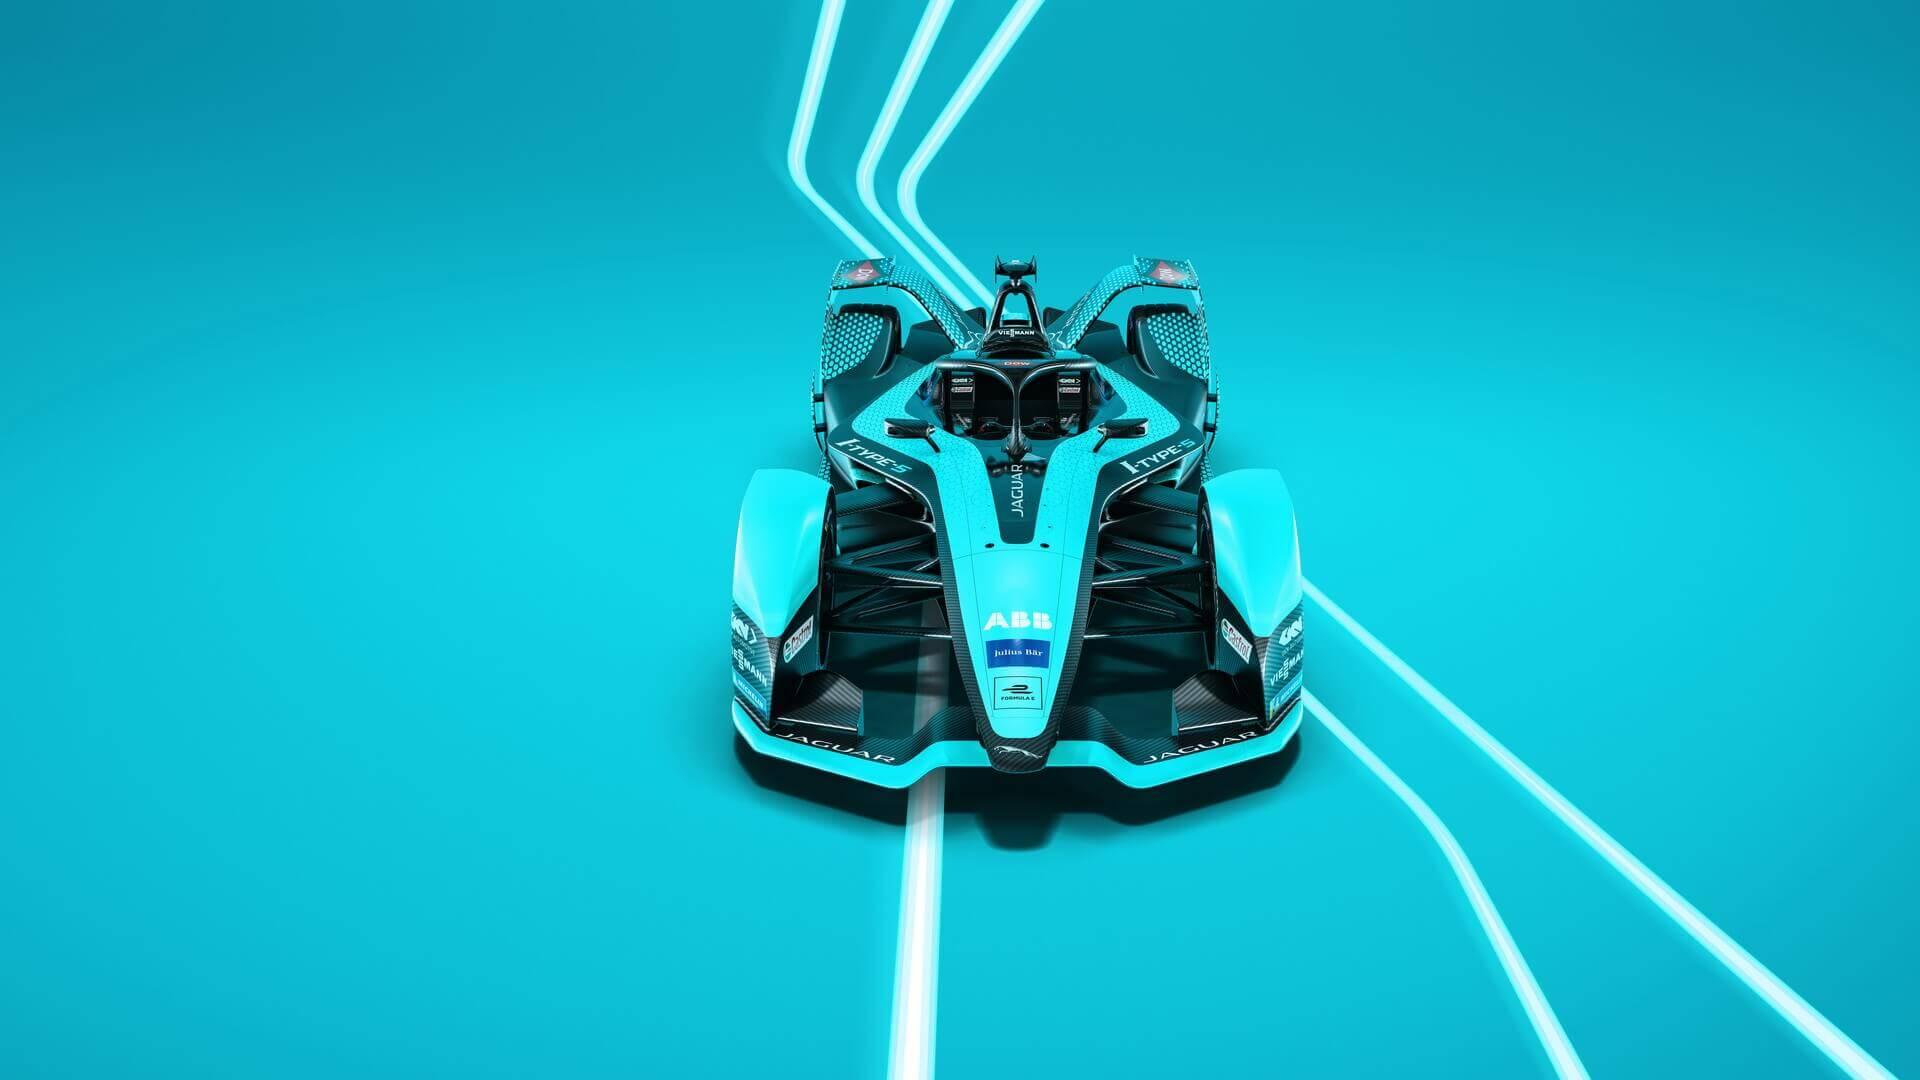 Jaguar Racing представила новый гоночный болид I-TYPE 5для Formula E 2021